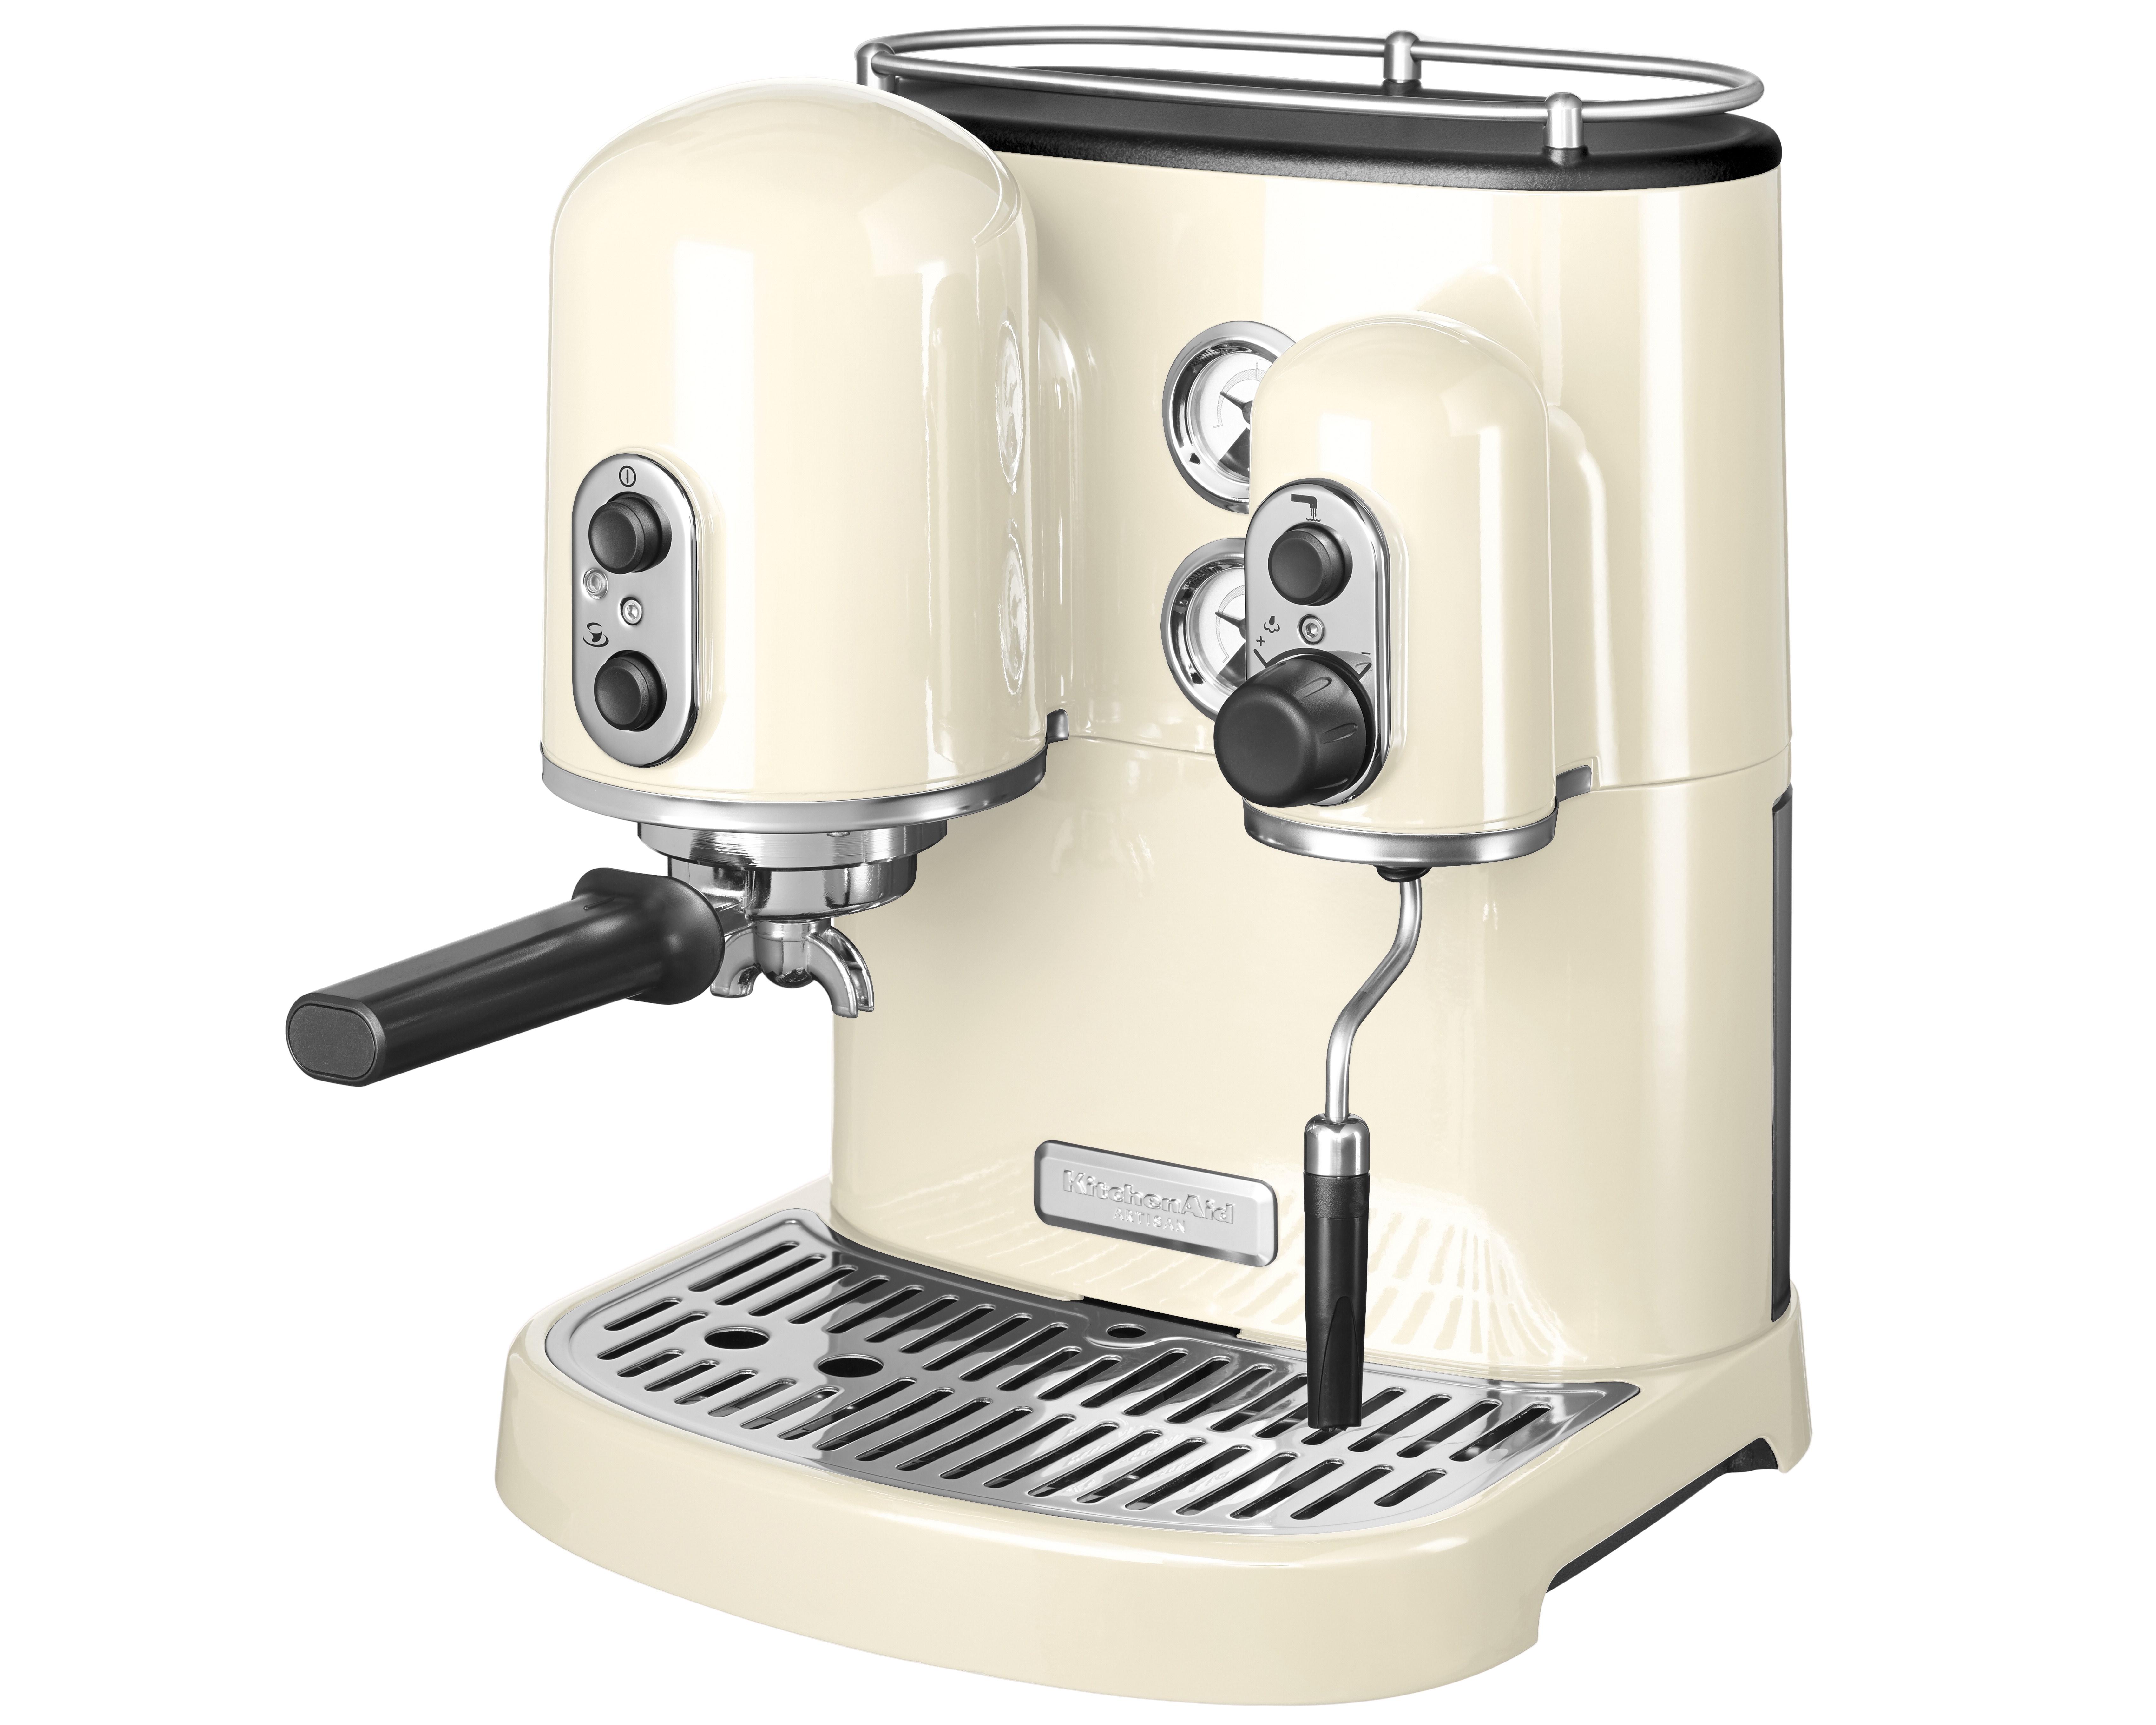 KA Artisan Espressomaskin Creme